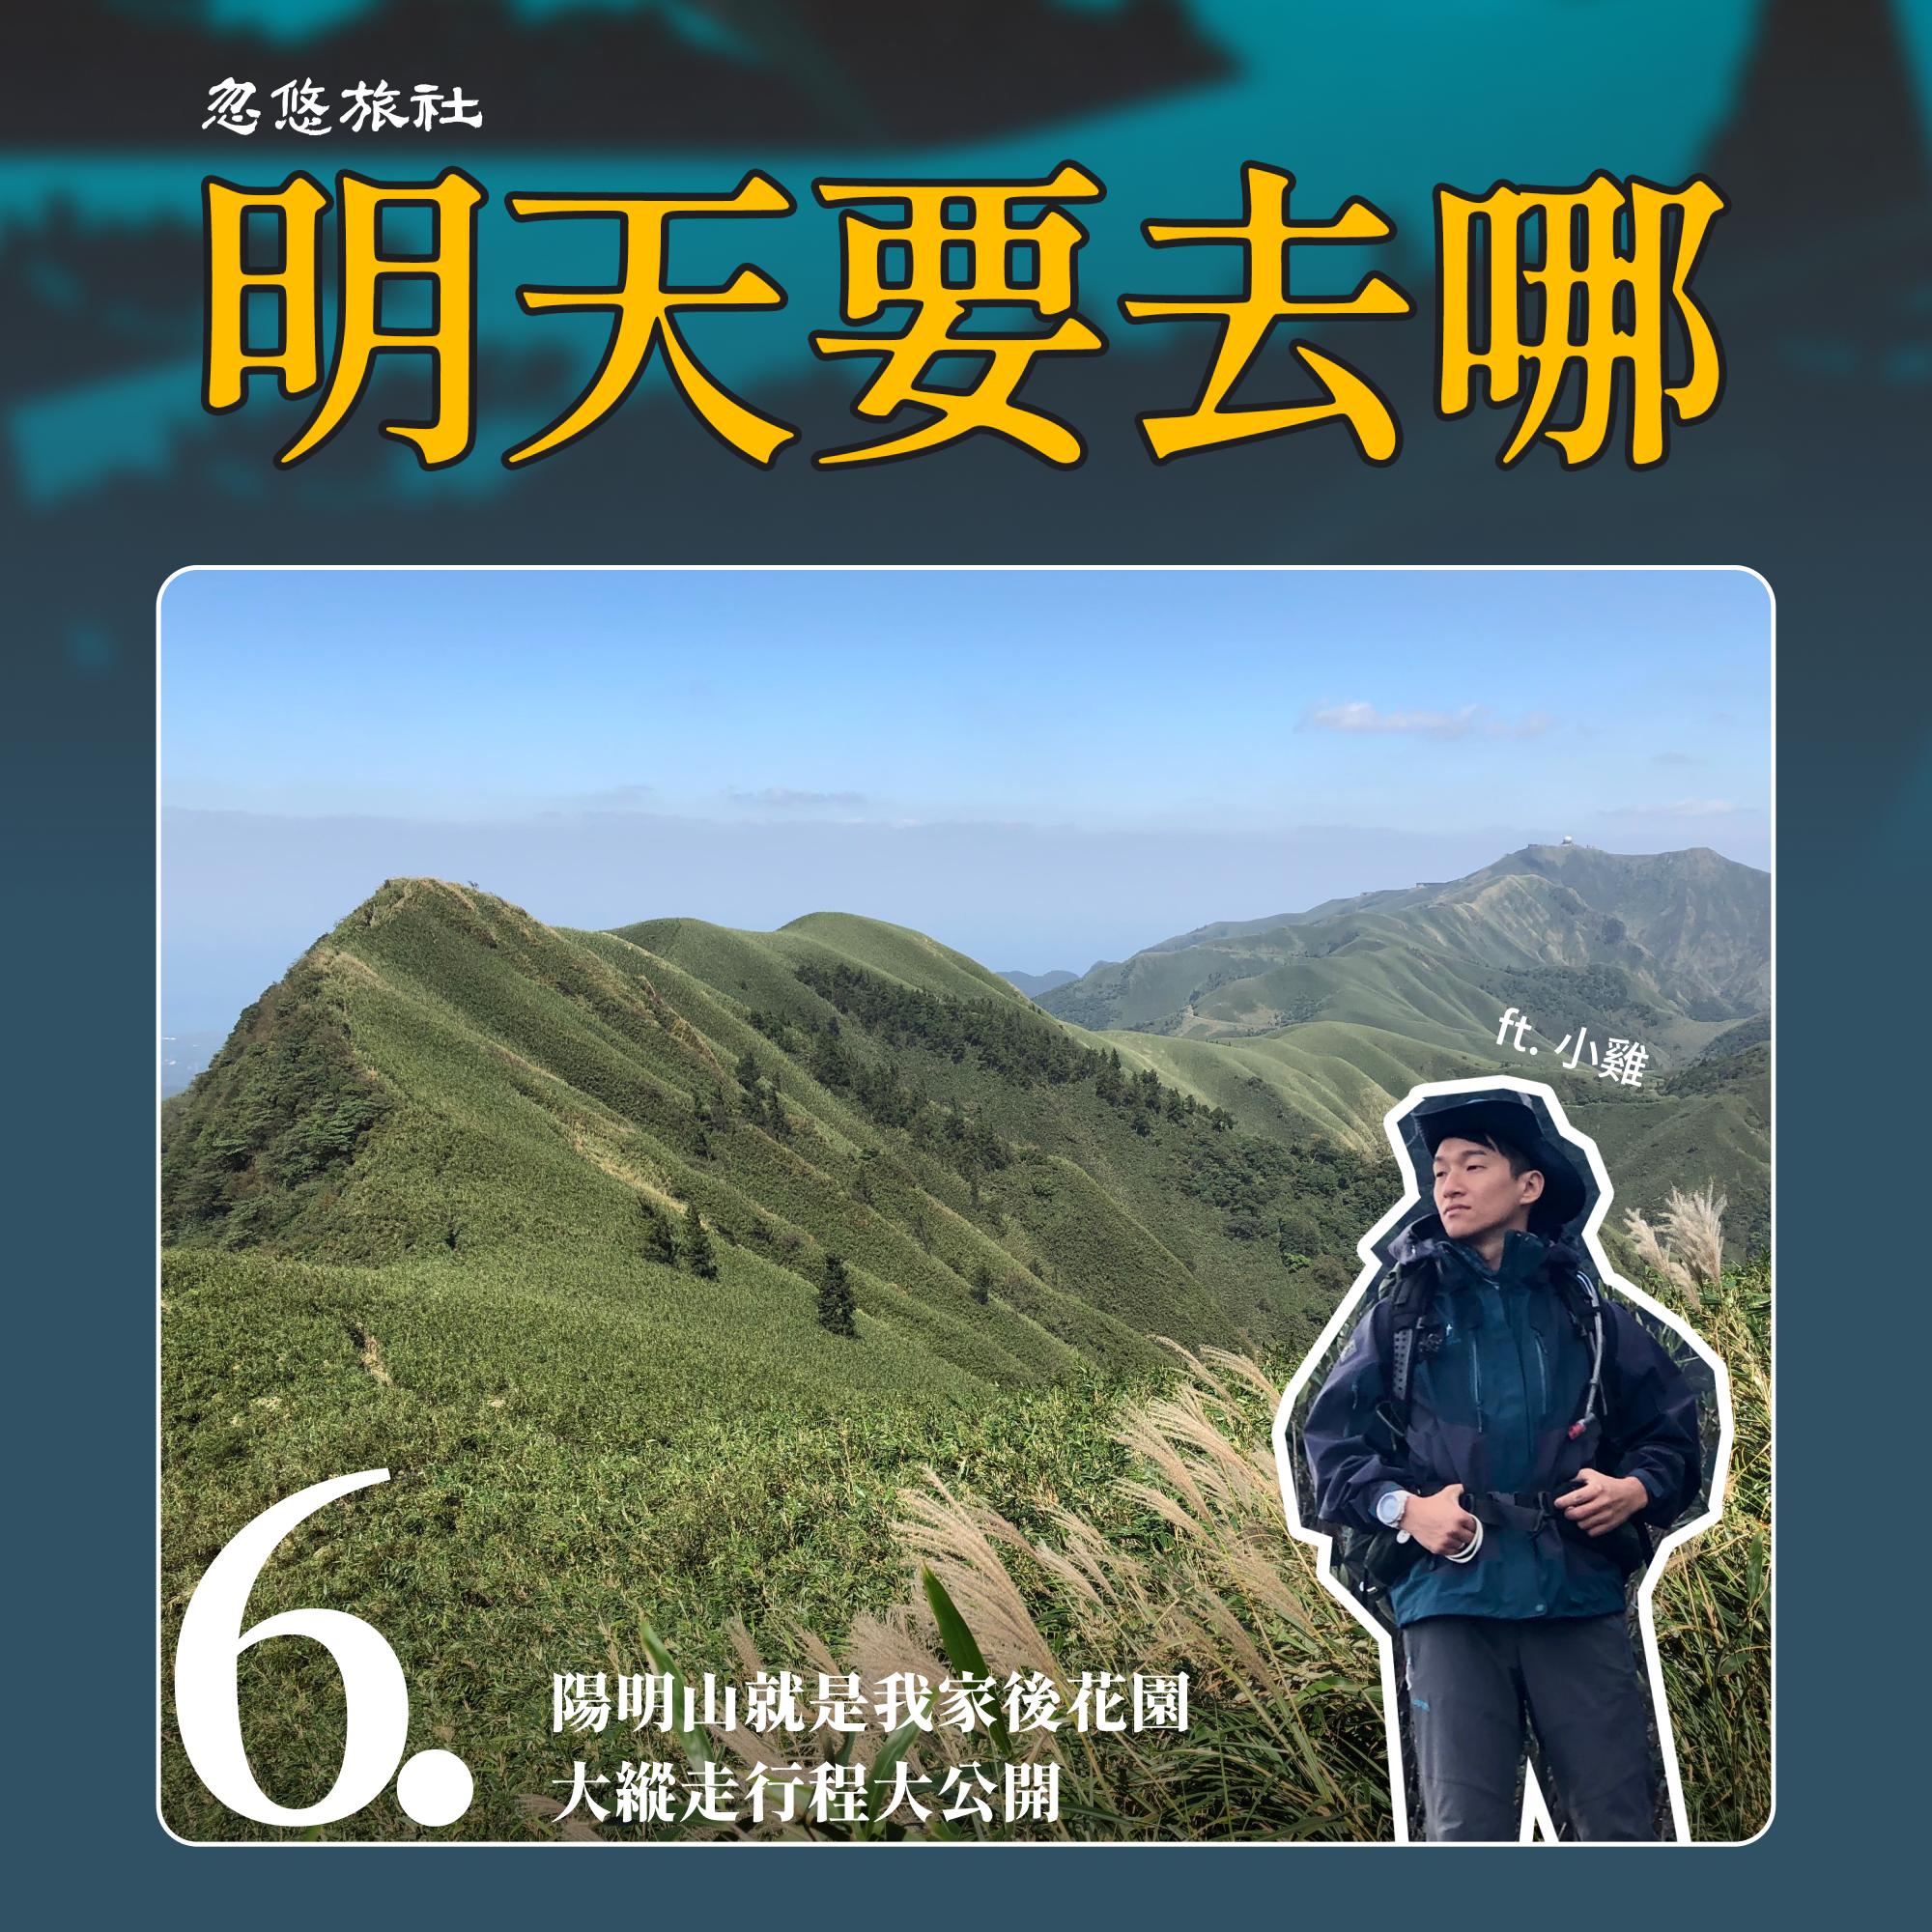 #6:陽明山就是我家後花園,大縱走行程大公開 feat. 小雞